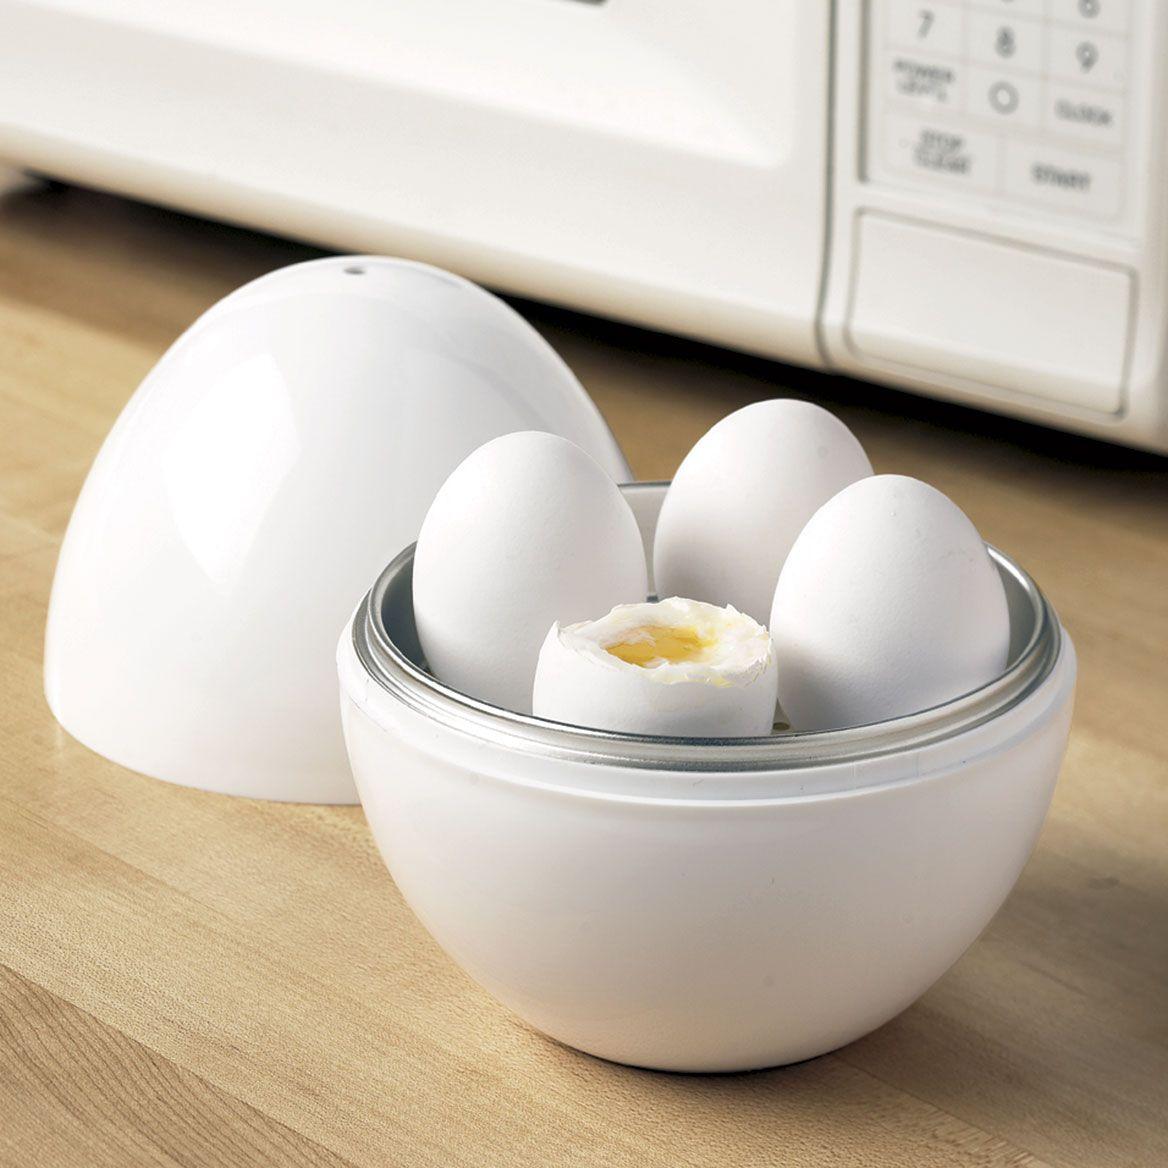 Microwave Egg Boiler-312027